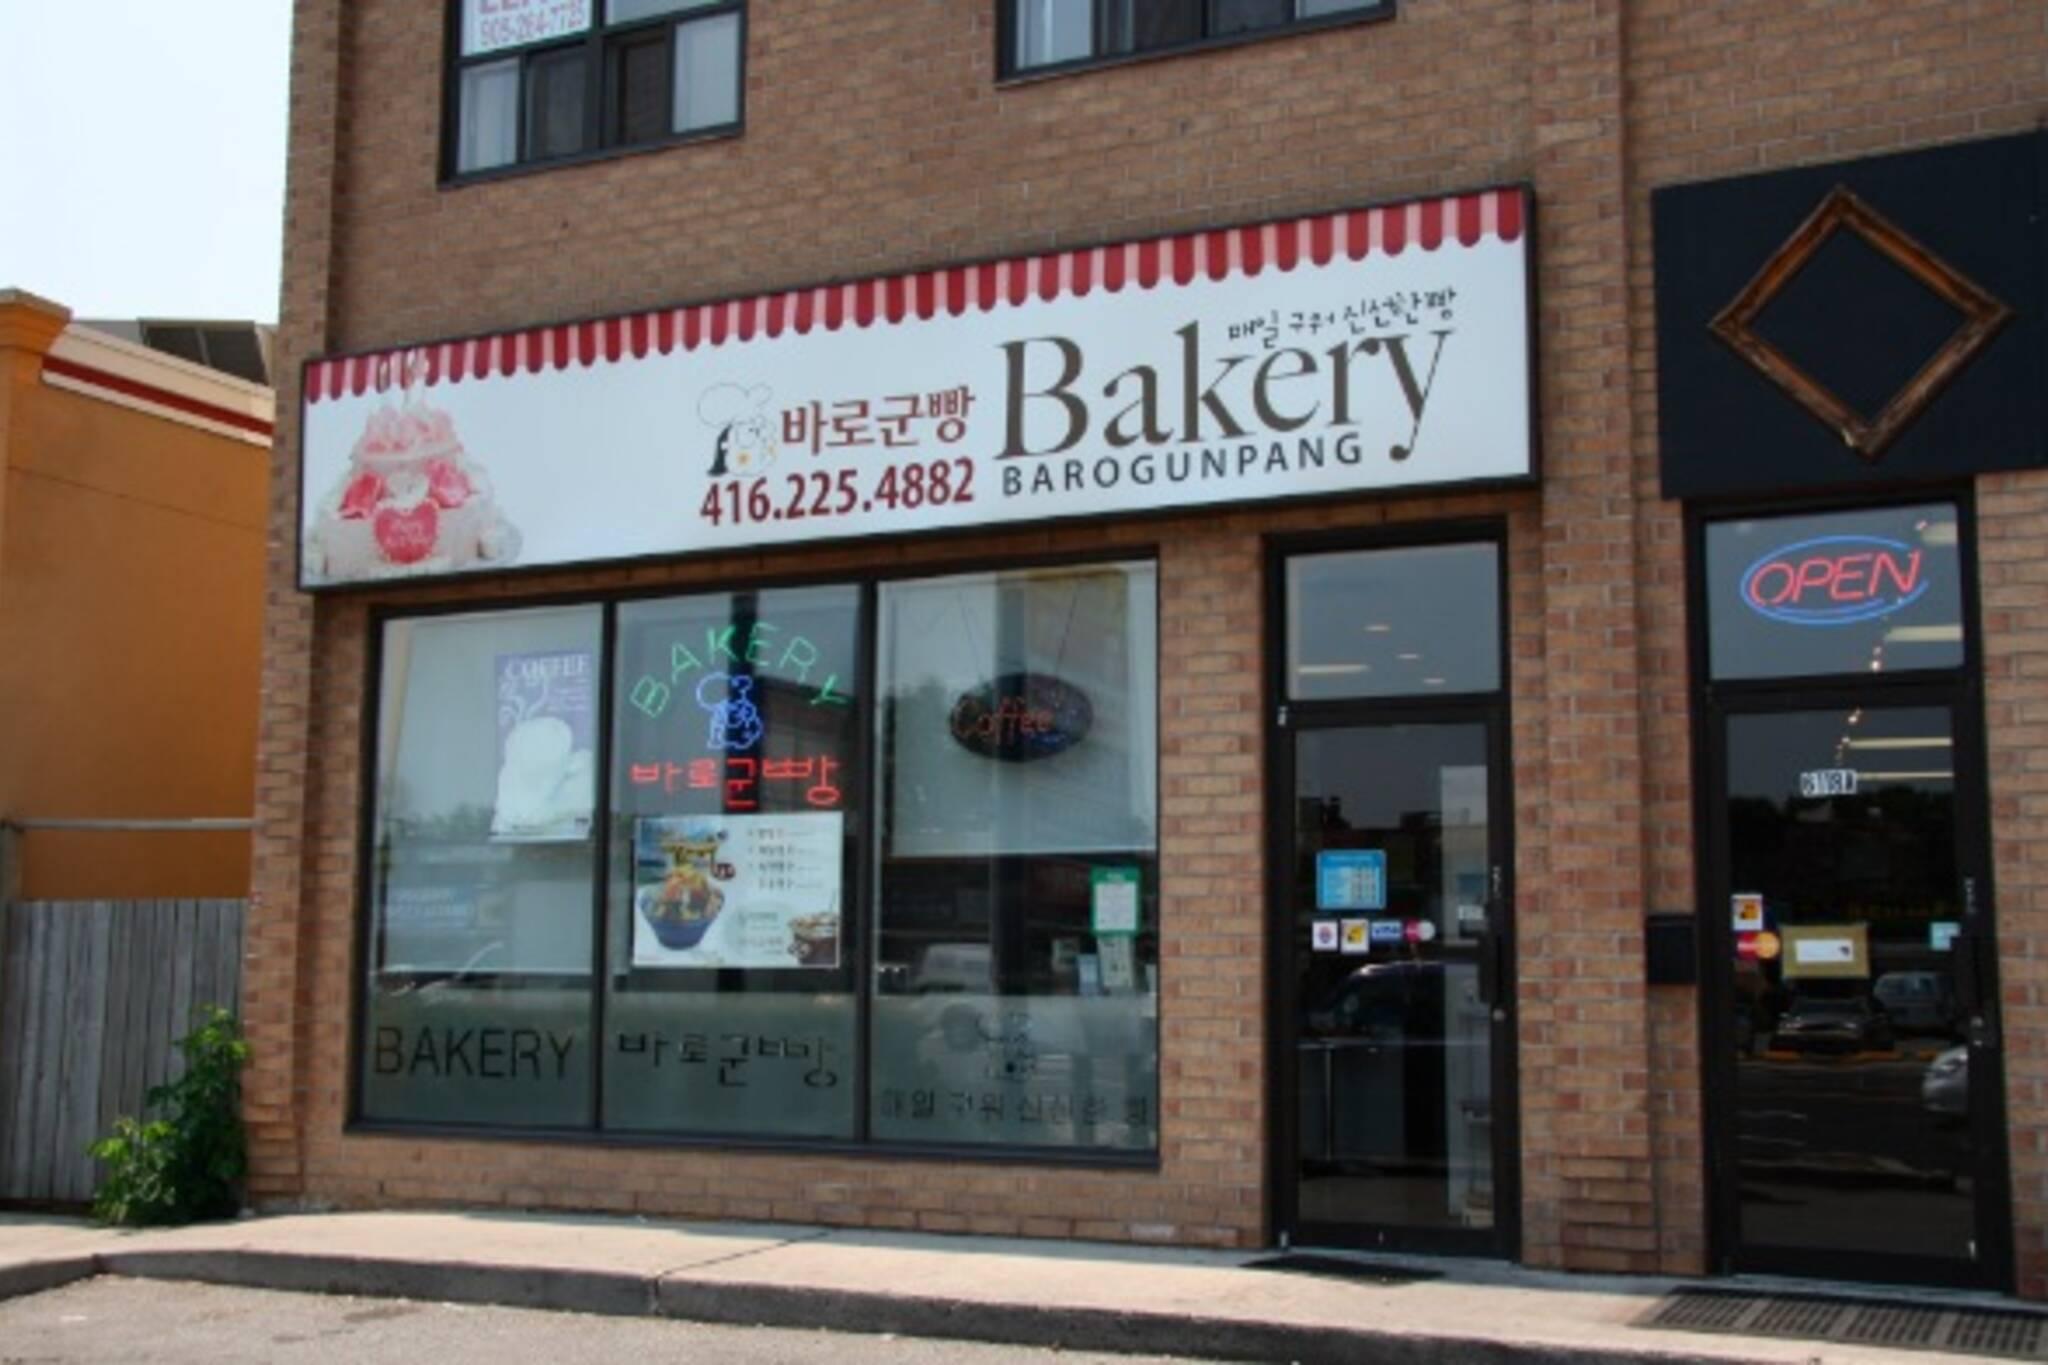 Toronto Baro Gun Pang Bakery